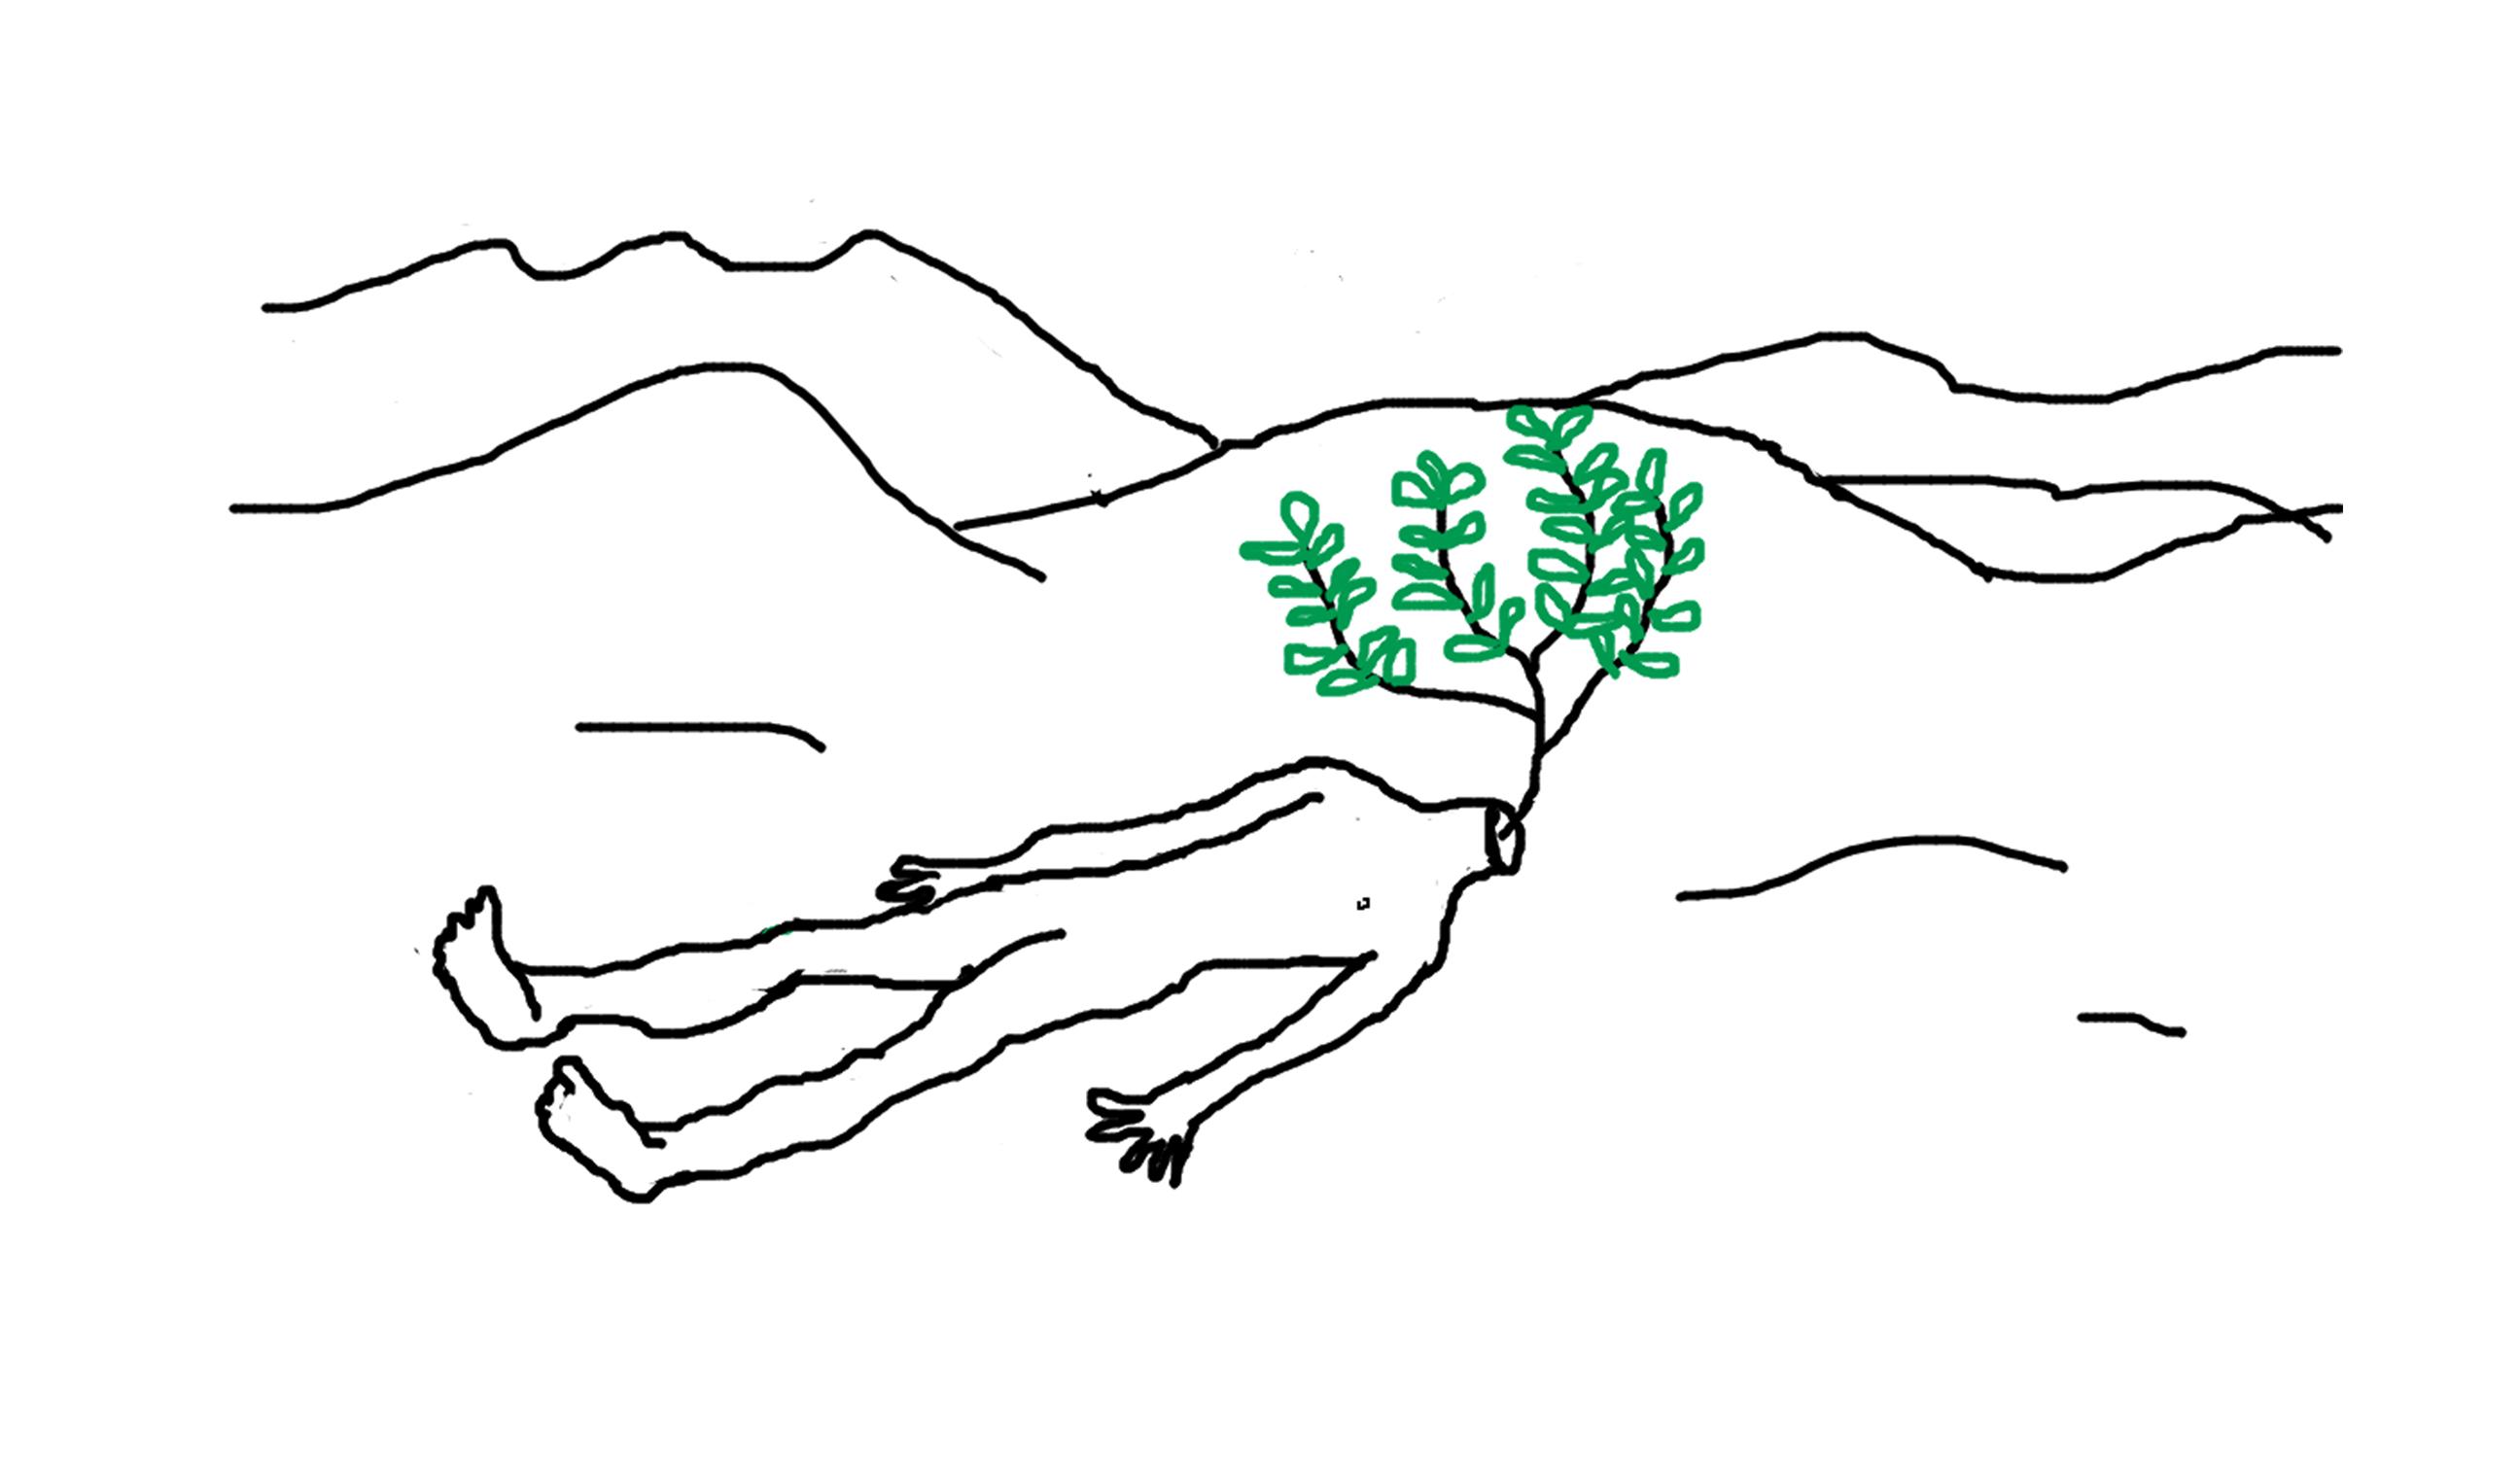 paulpajot-poztonblaz-illustration-8